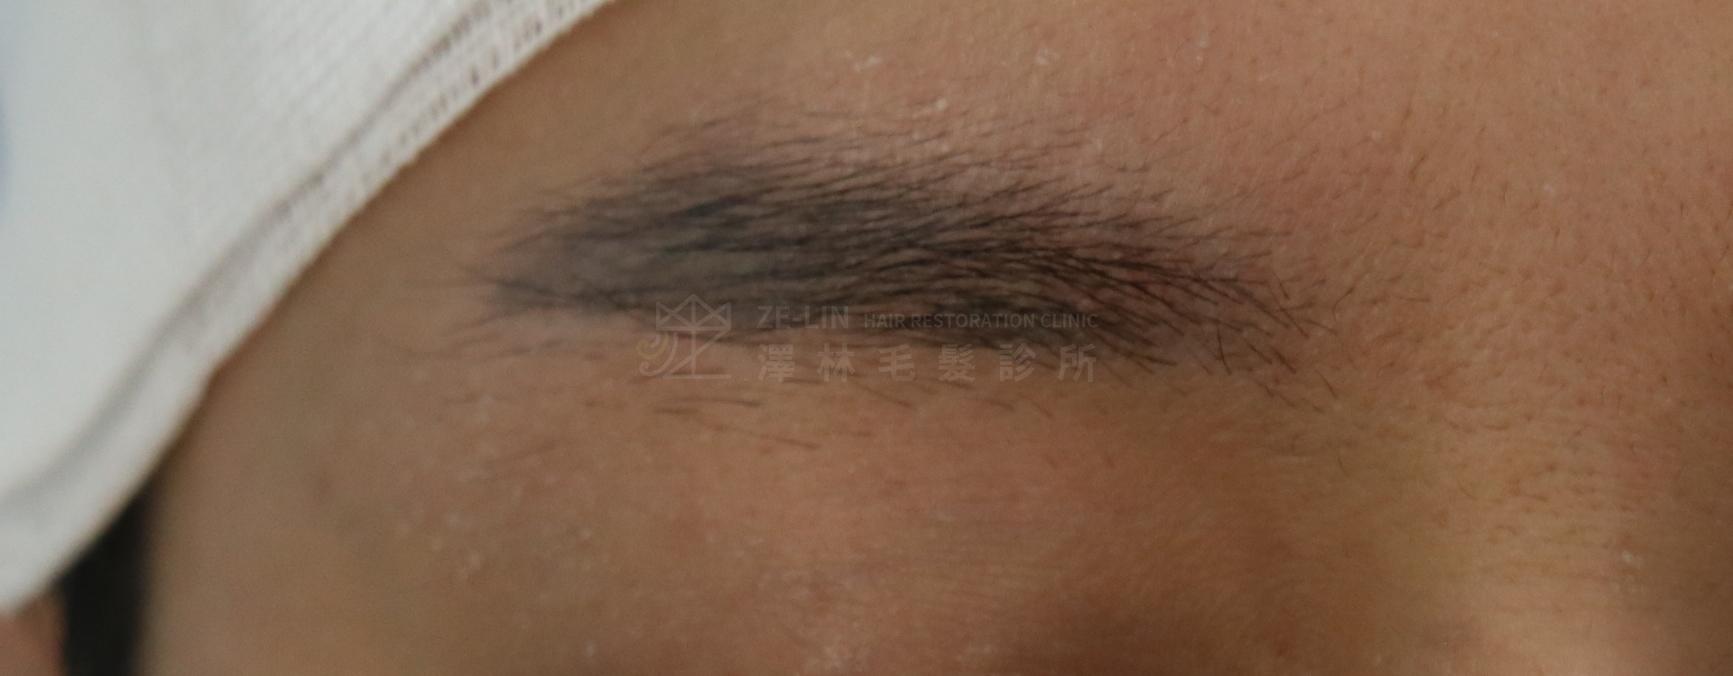 飄眉後接受植眉手術改善眉毛斷尾及眉形術前